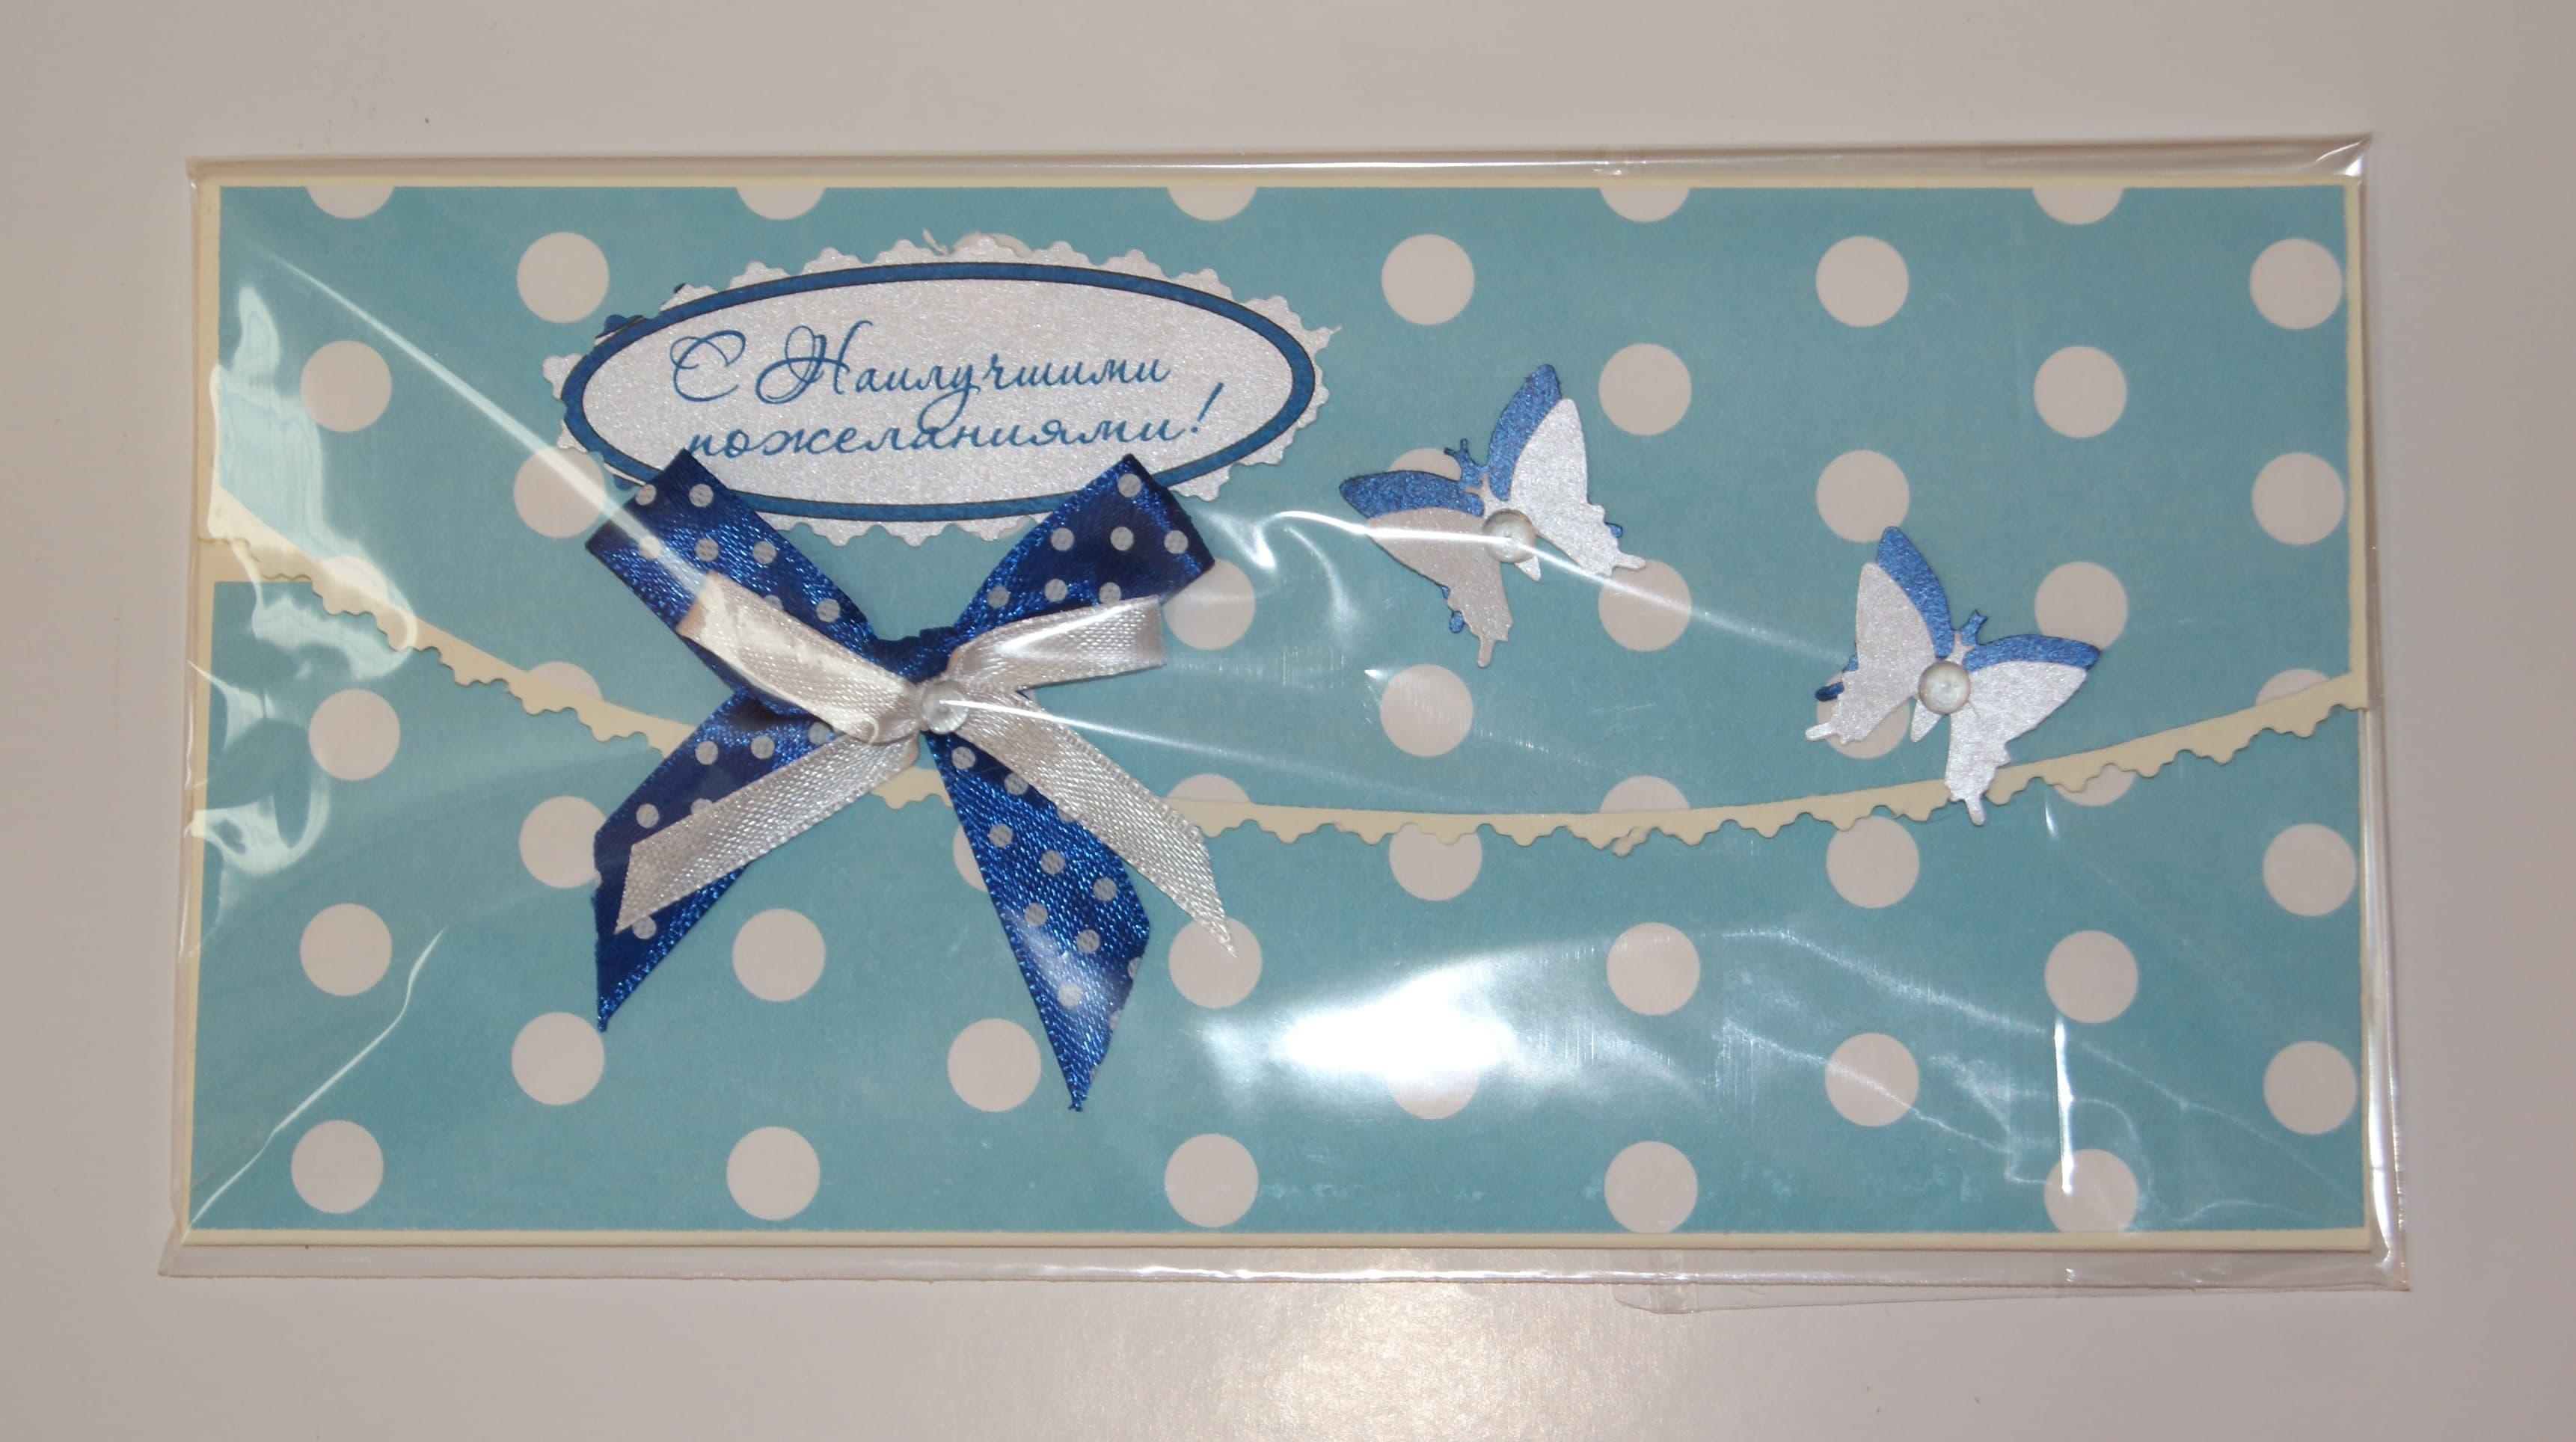 Фабрика декора, Конверт С наилучшими пожеланими голубой горох, 20х10 смКонверты ручной работы<br><br>